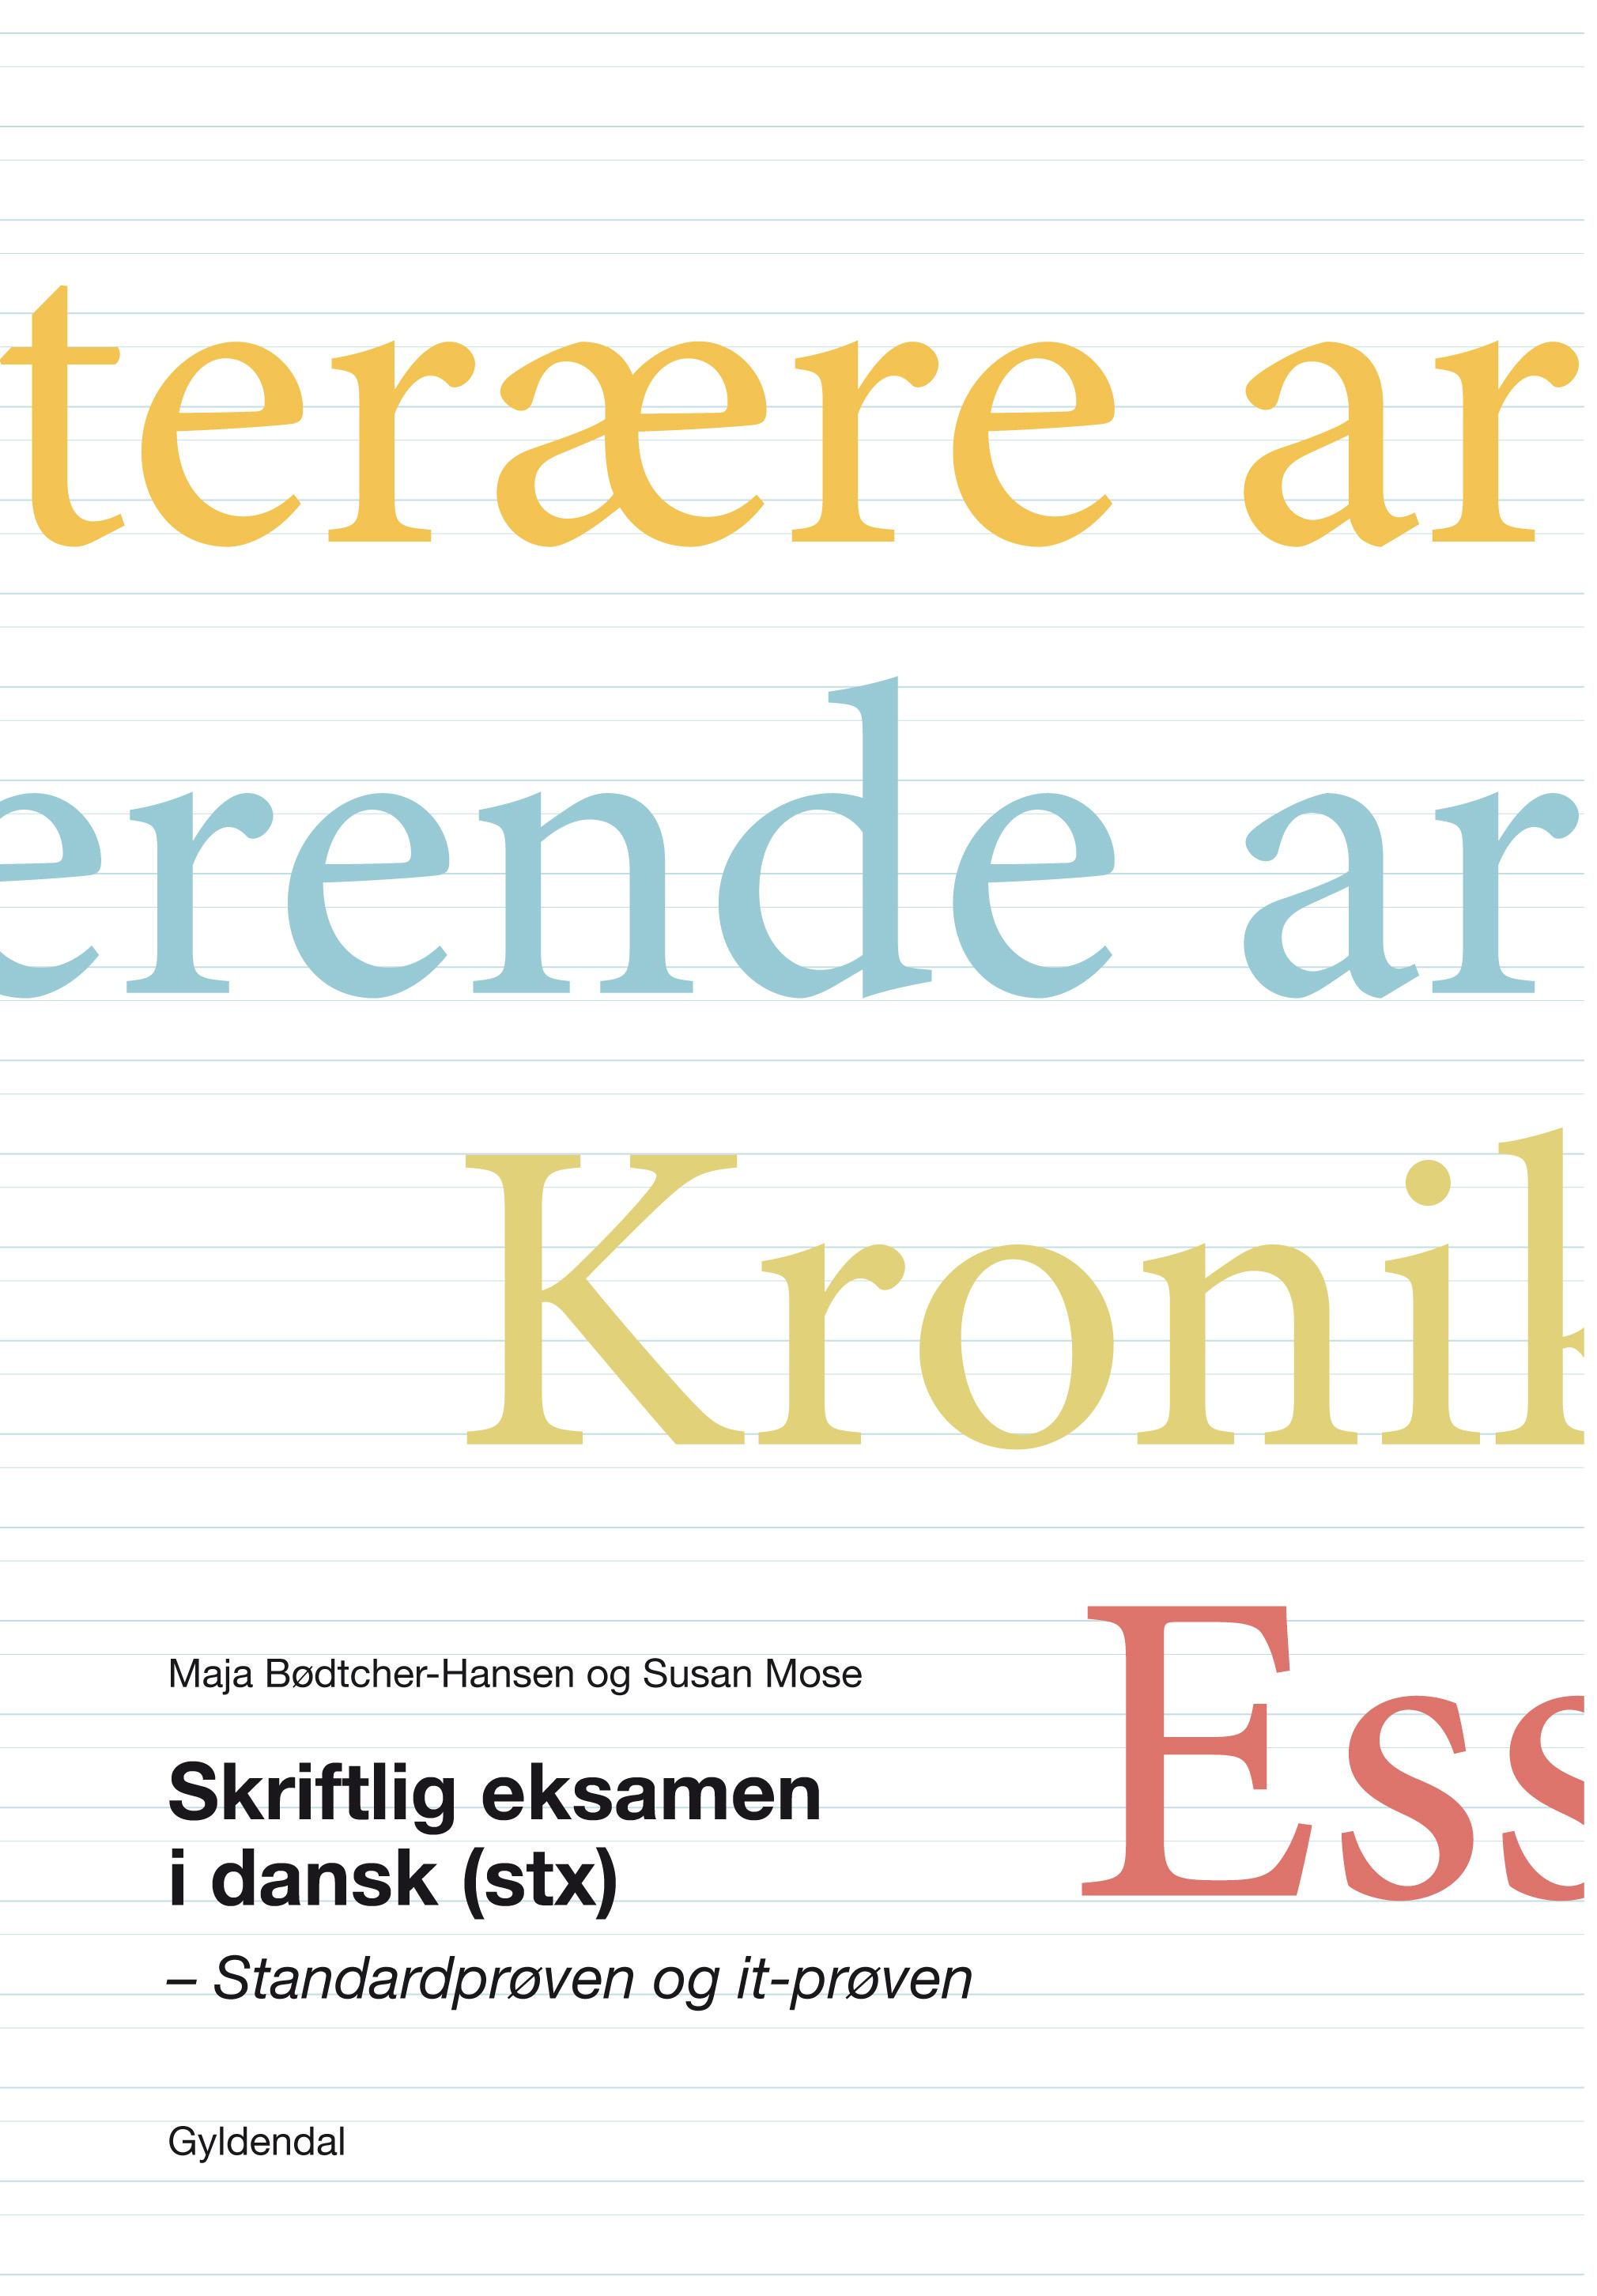 dansk skriftlig eksamen